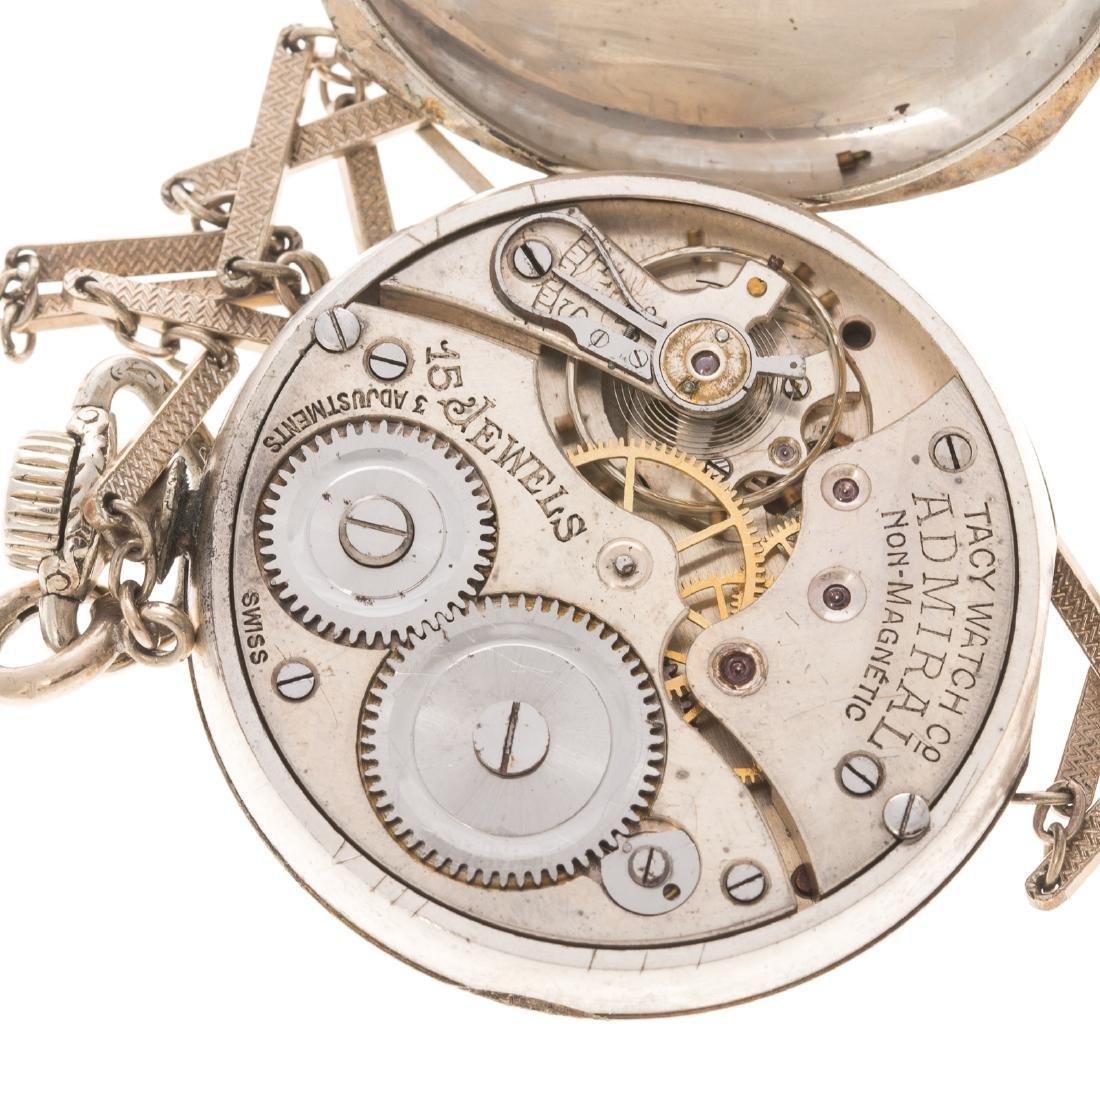 Two Gentlemen's Vintage Pocket Watches - 5